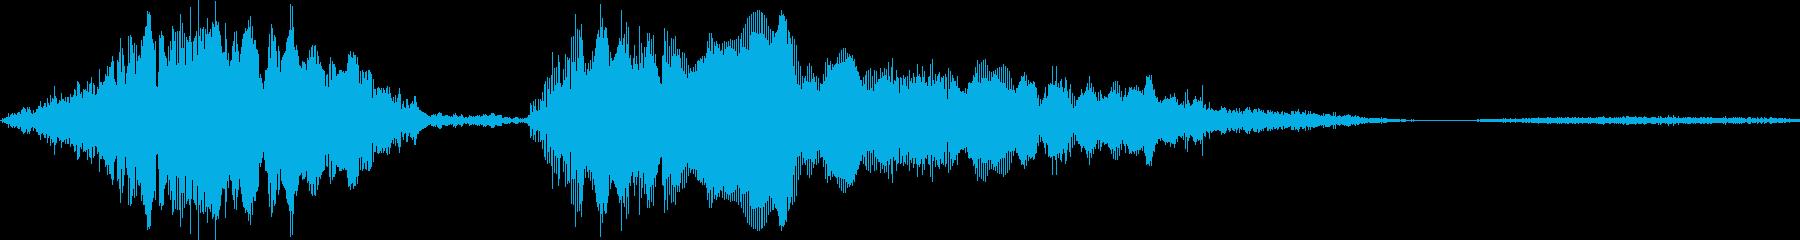 hey yeahの再生済みの波形